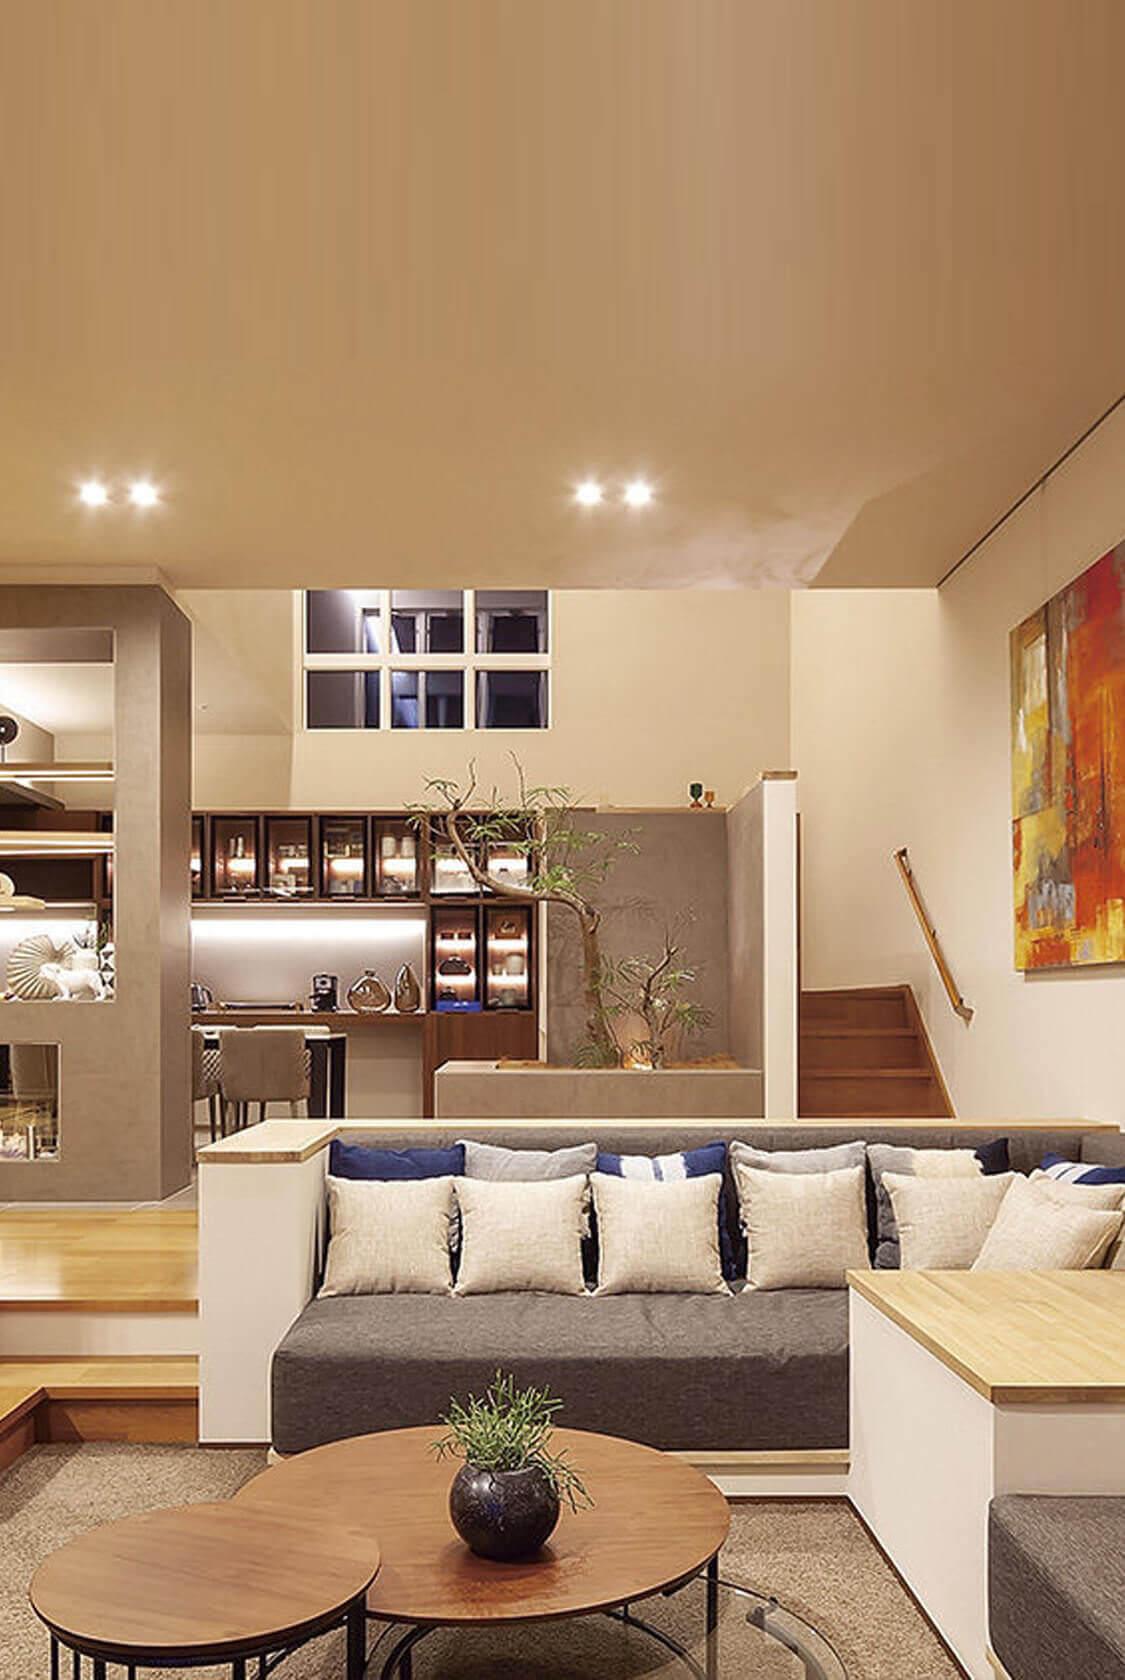 デザインから住空間を極めたKUROSAWA Style